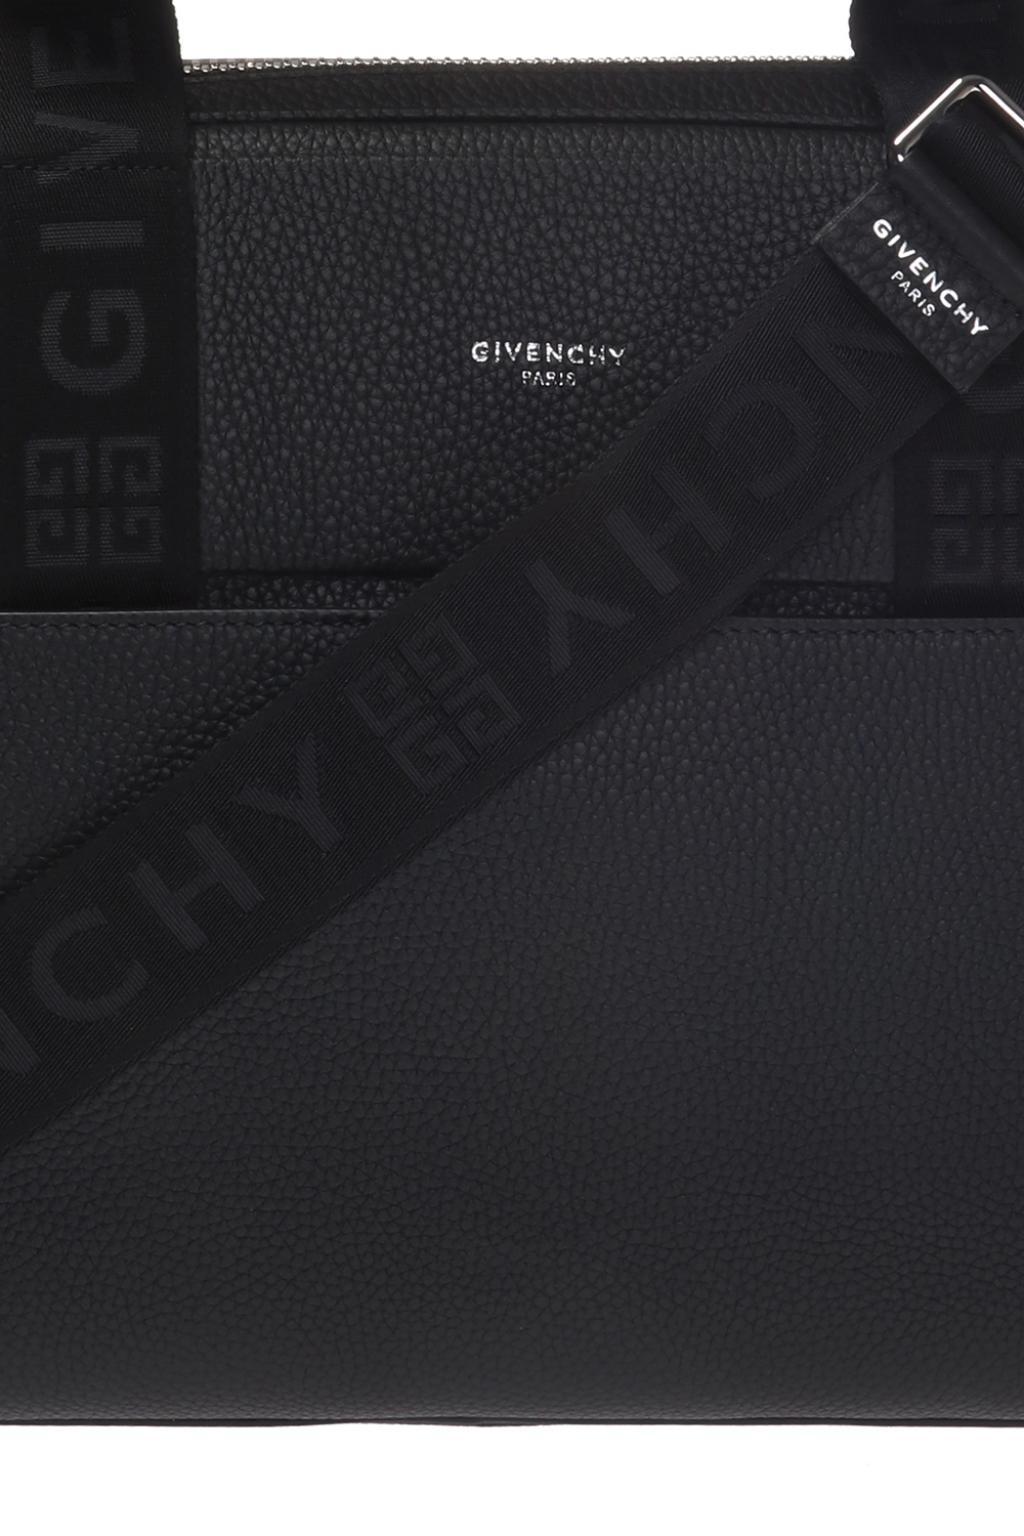 0f28a856104 Give Pouchy Seprem Givenchy - Pilihan Online Terbaik